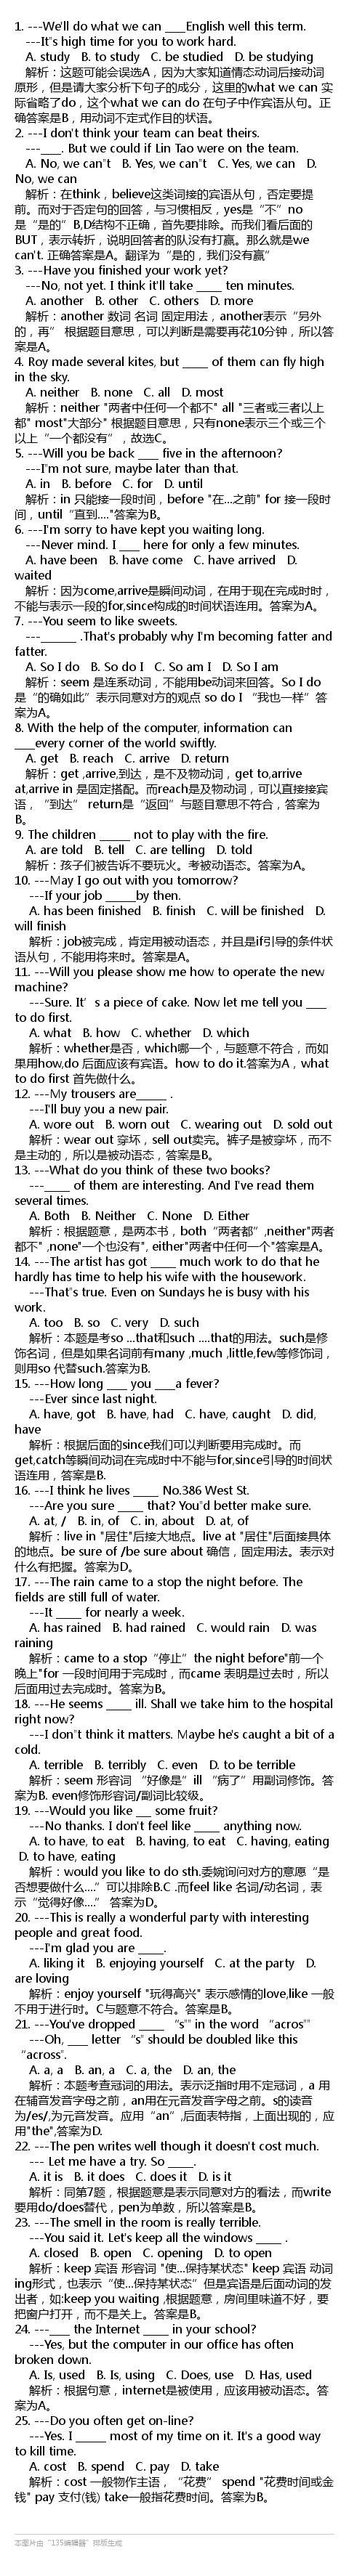 中考英语25道易错题辨析